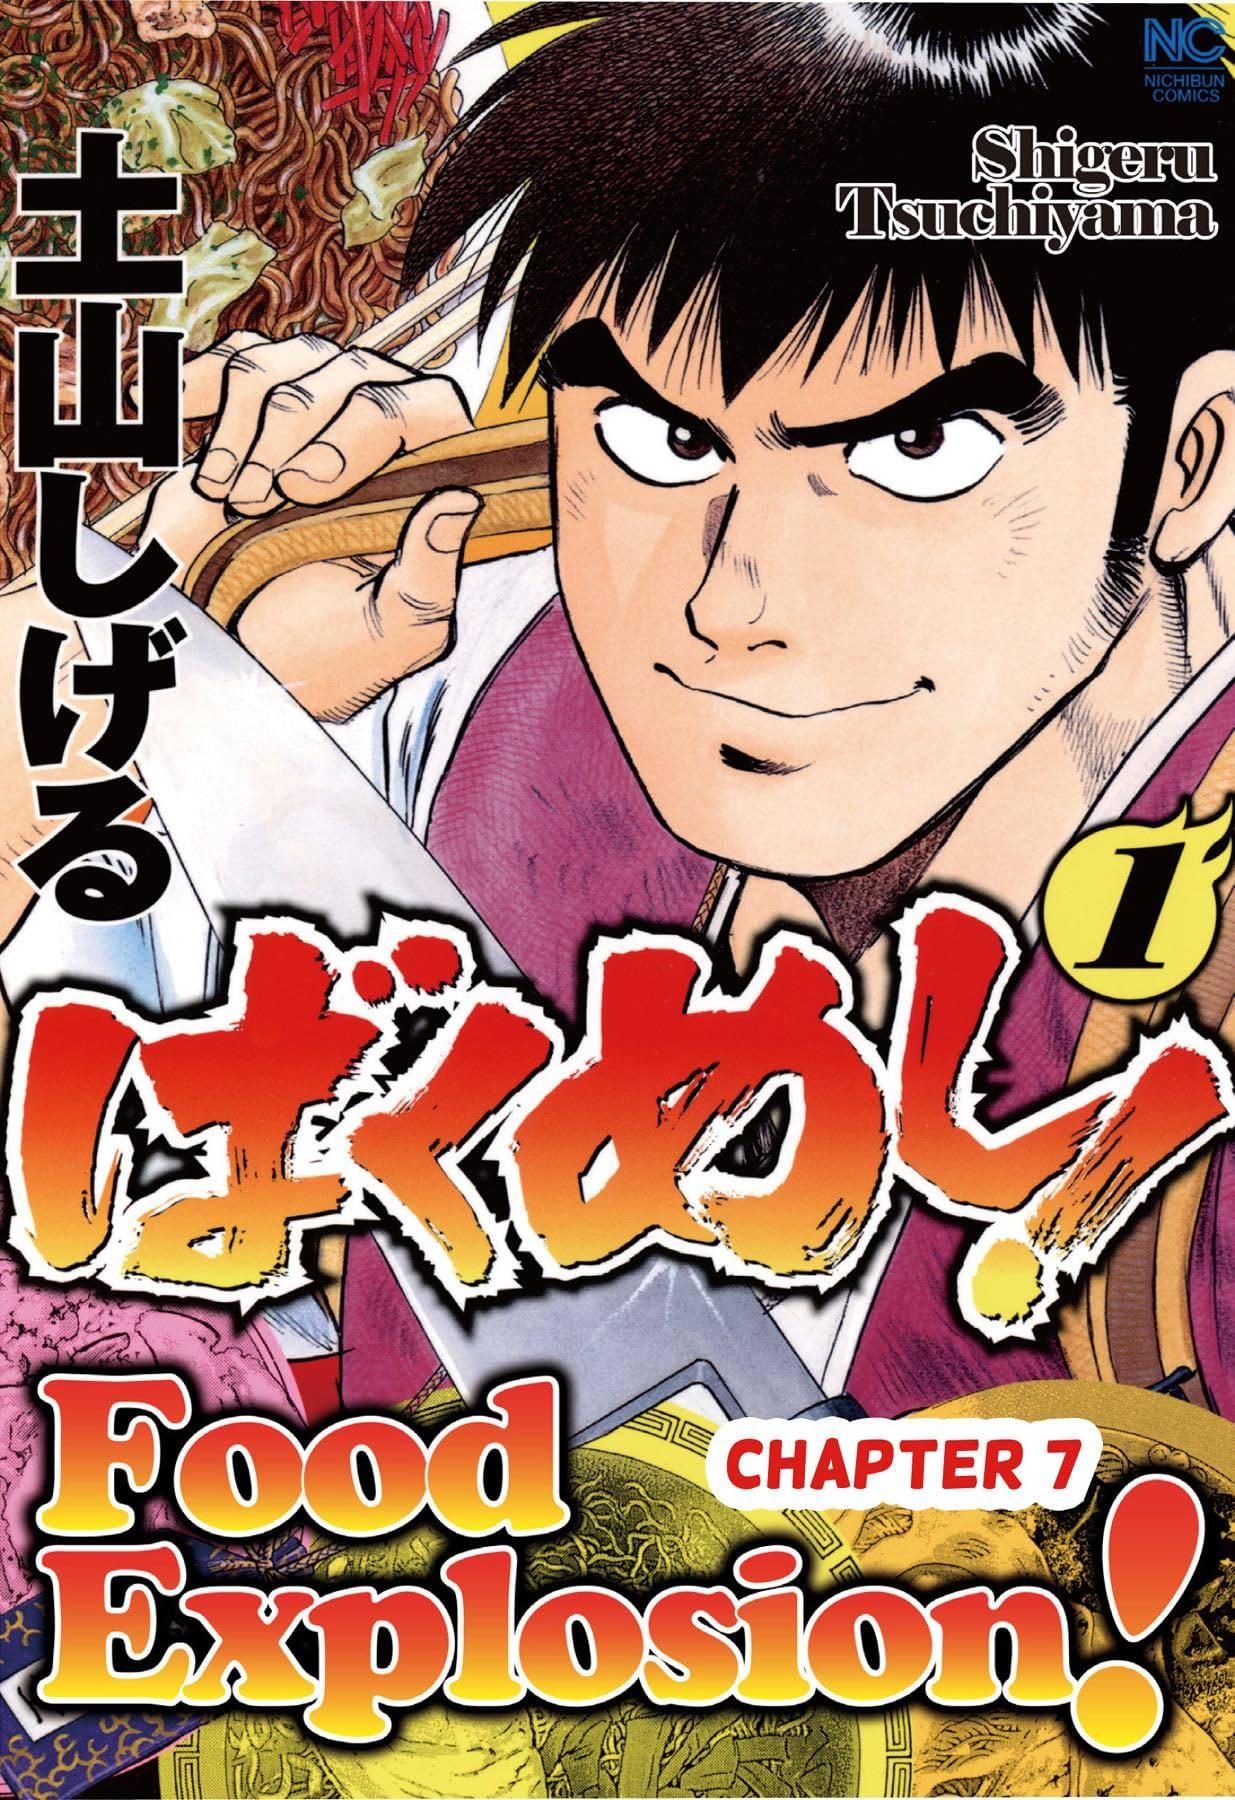 FOOD EXPLOSION #7